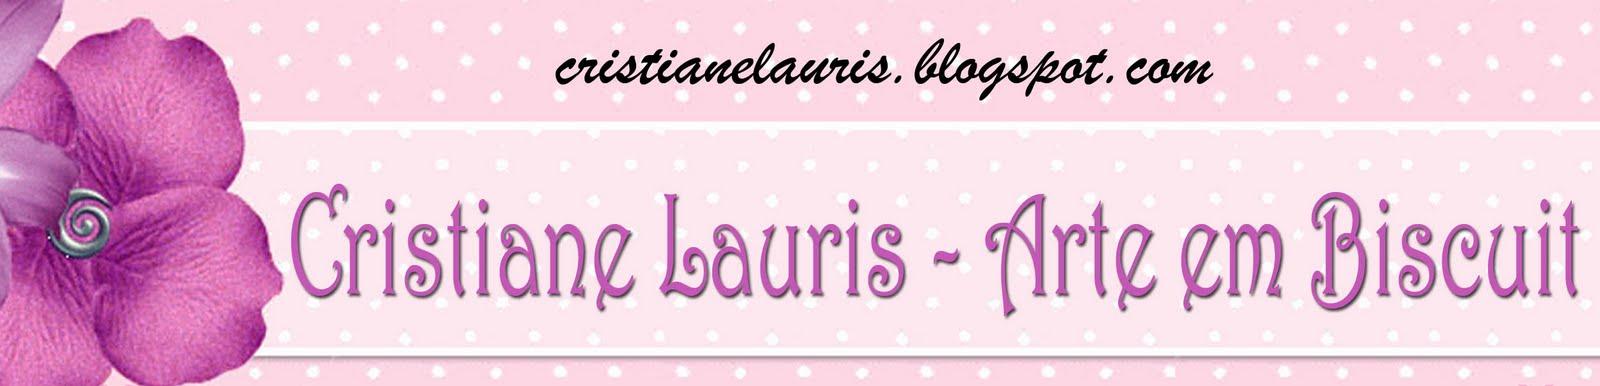 Cristiane Lauris - Arte em Biscuit